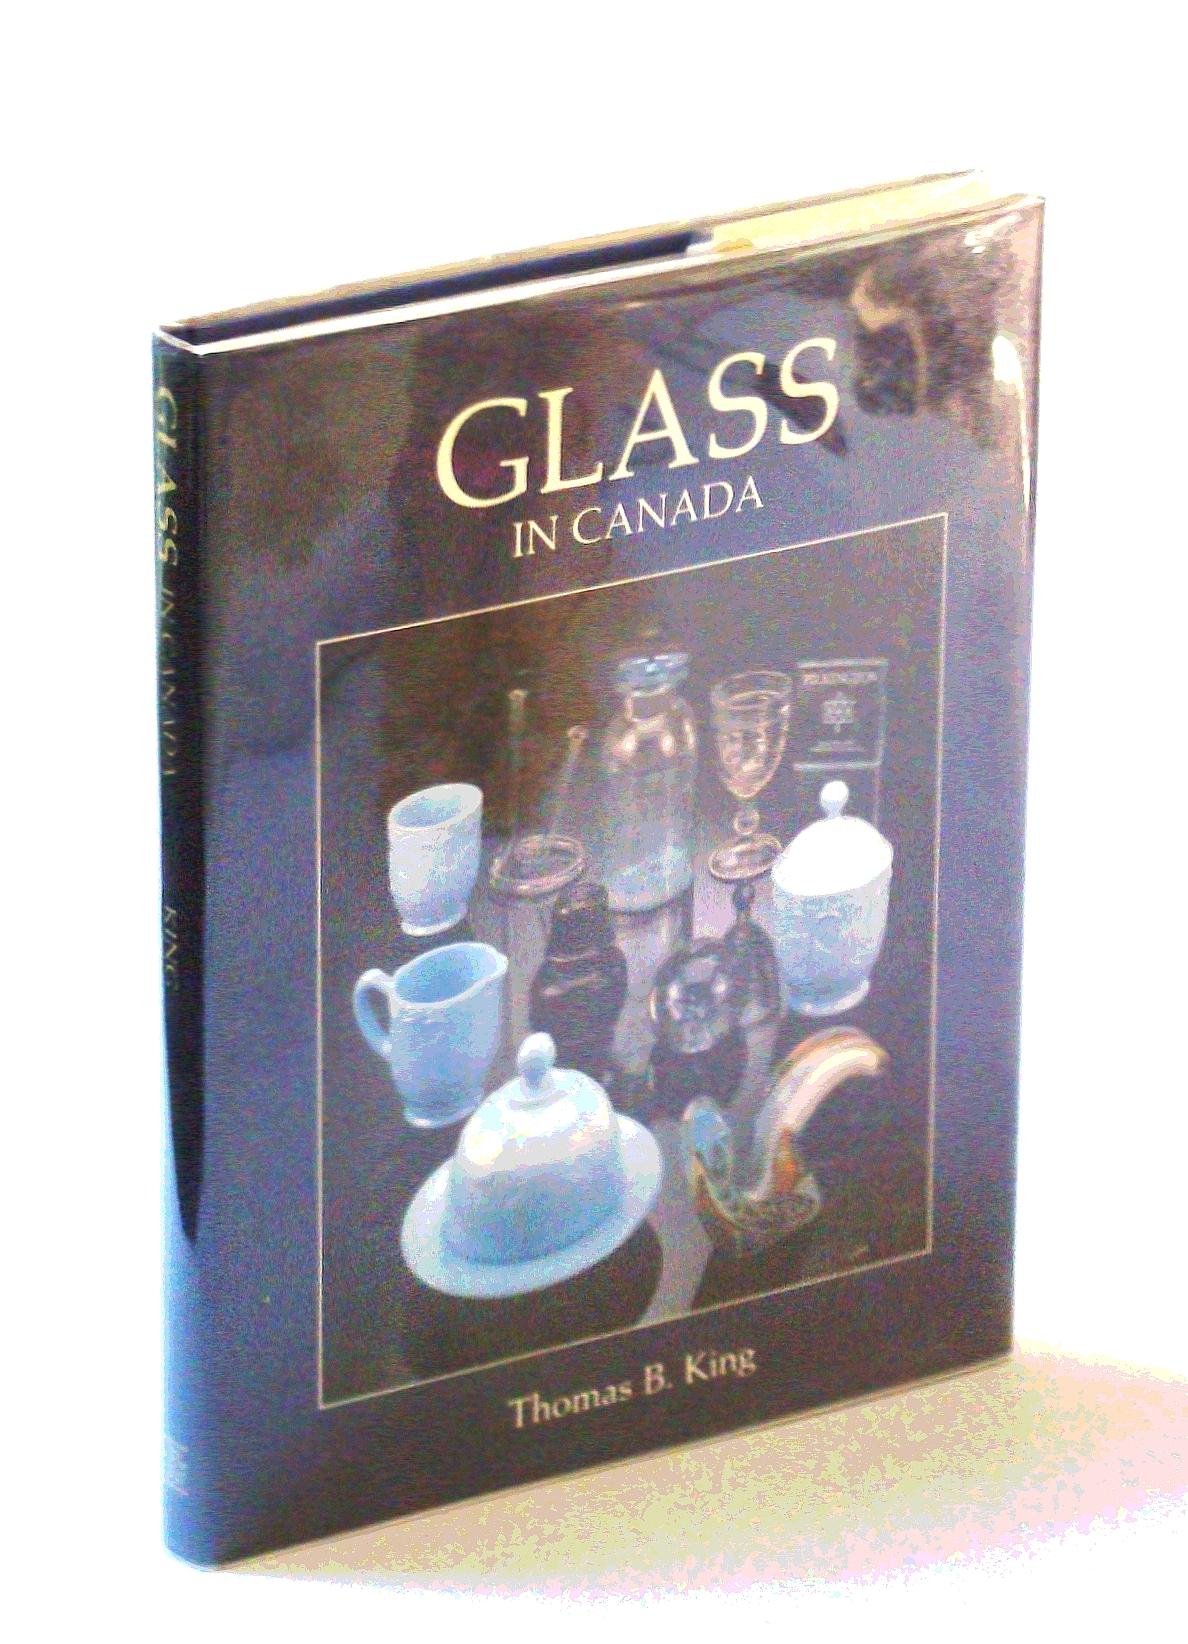 Glass in Canada